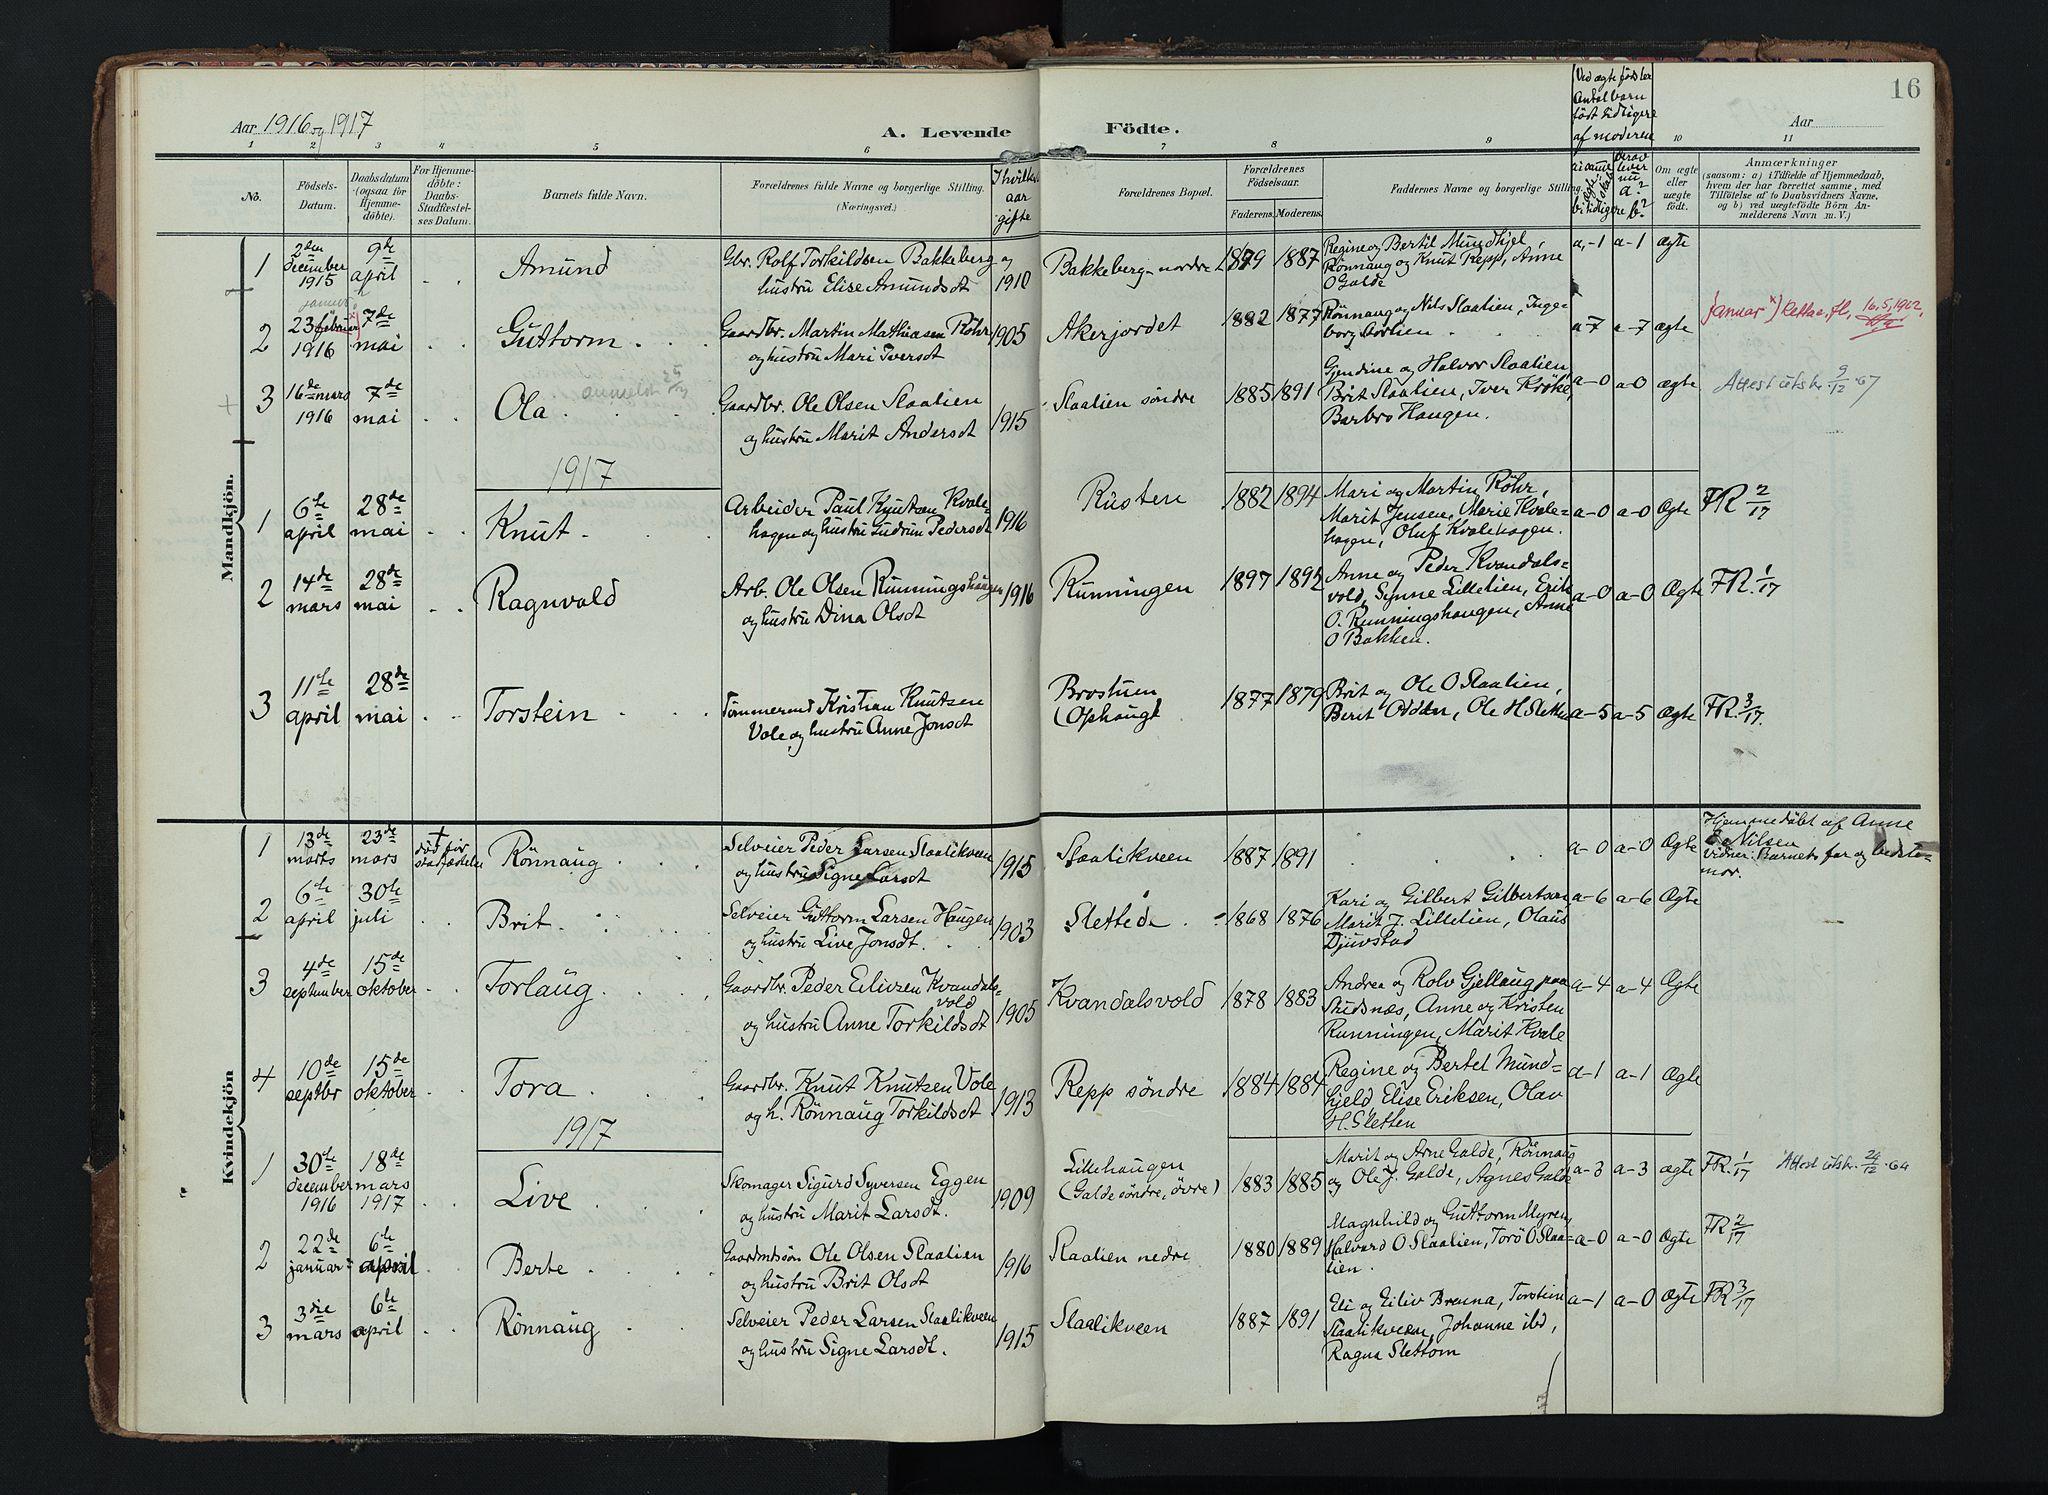 SAH, Lom prestekontor, K/L0012: Ministerialbok nr. 12, 1904-1928, s. 16